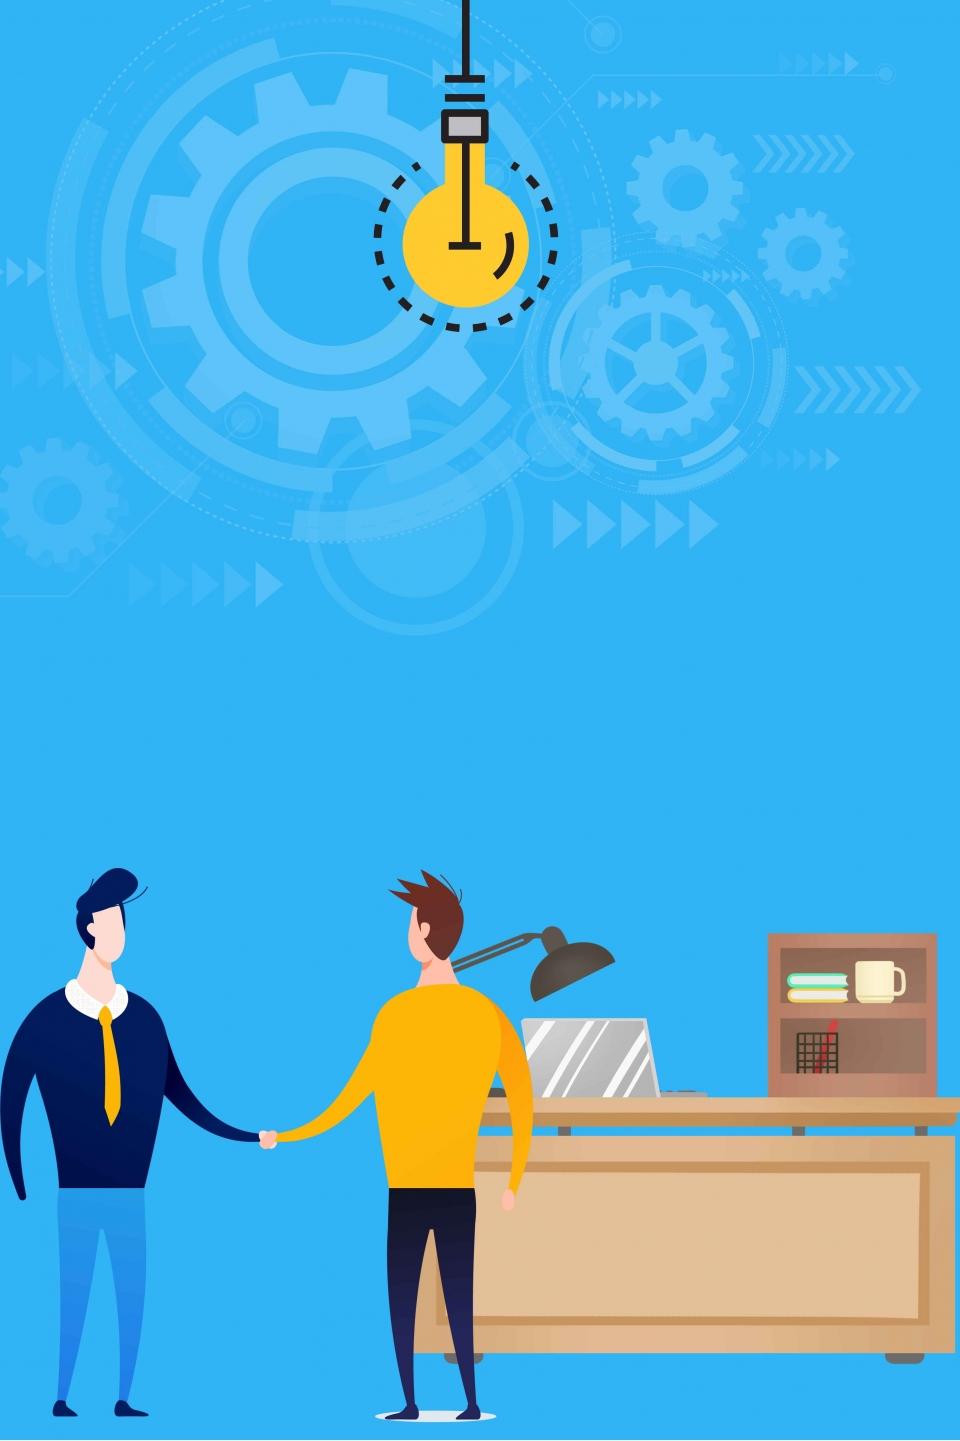 Gambar Kerjasama Di Sekolah Kartun Kerjasama Dan Imej Latar Belakang Win Win Kerjasama Menang